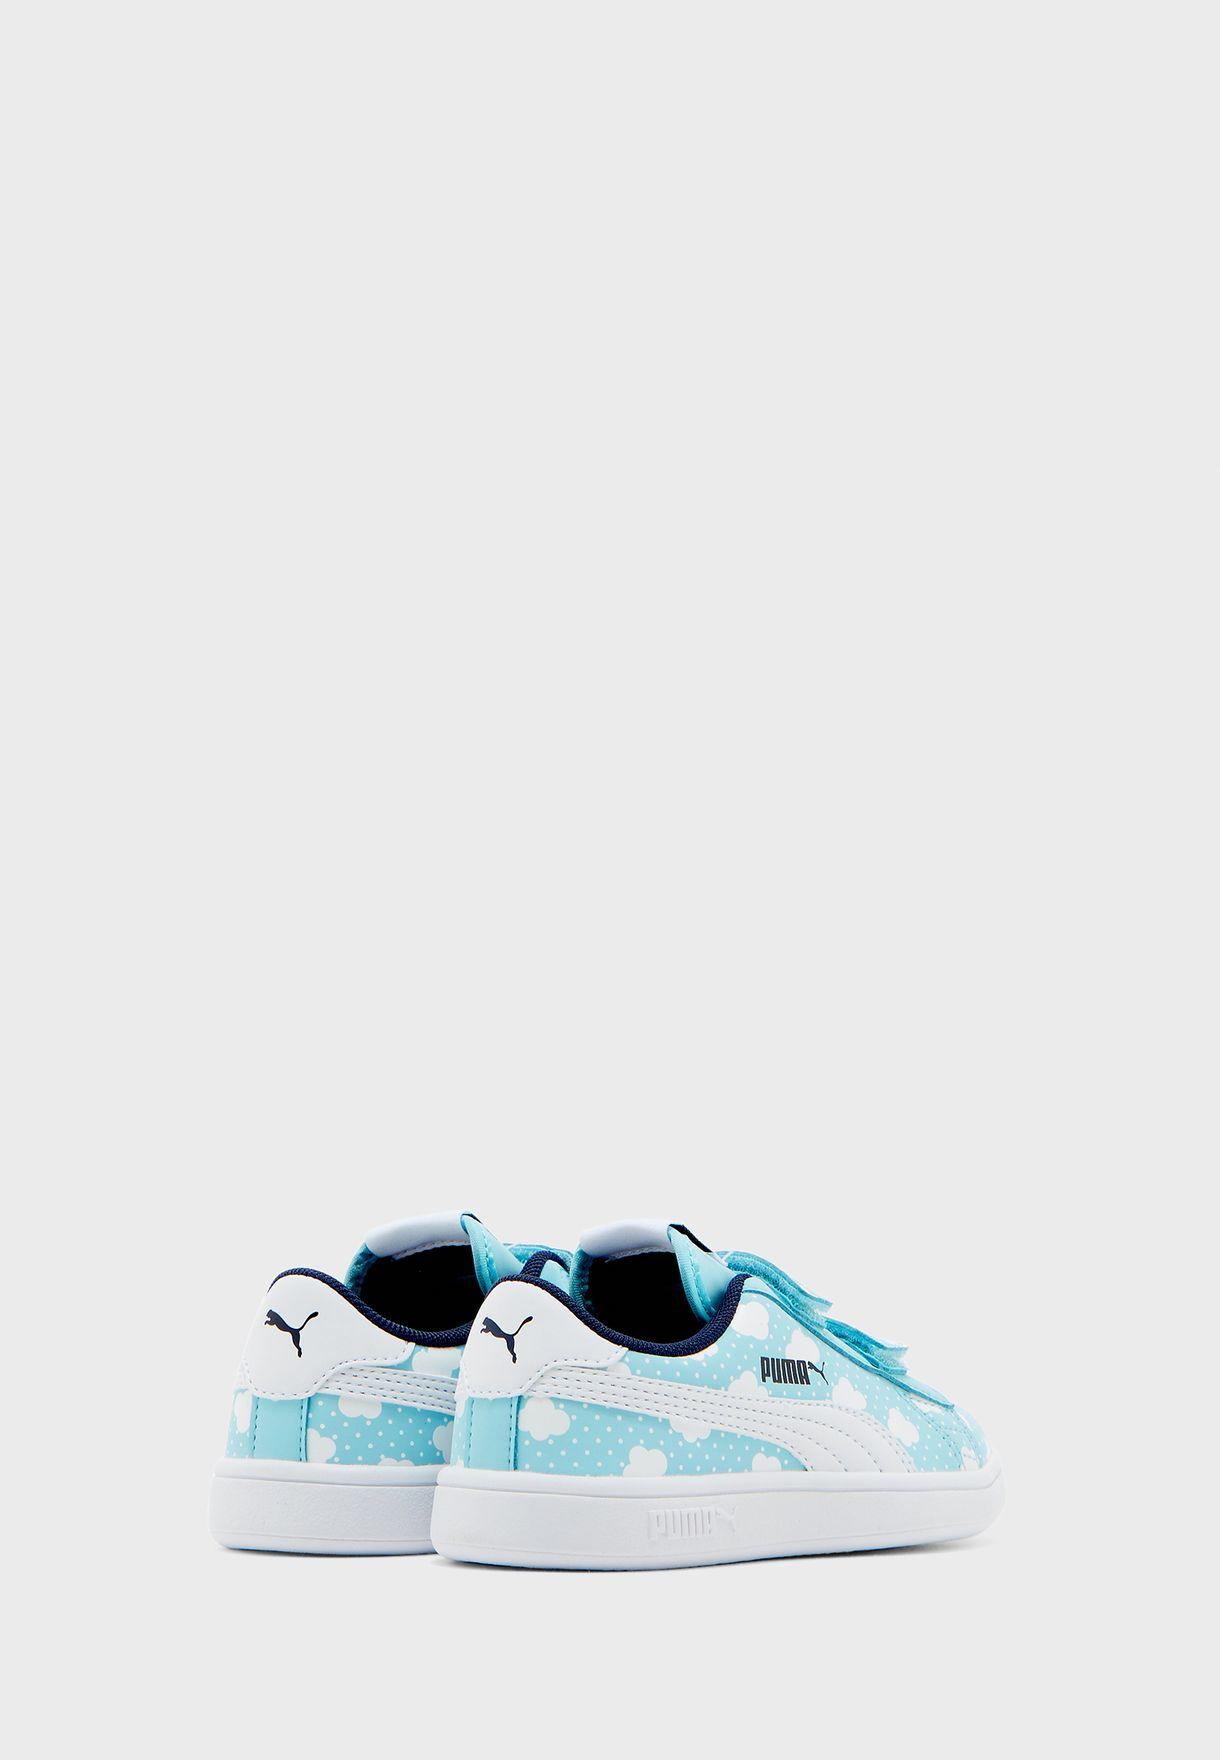 حذاء سماش في 2 كلاود في